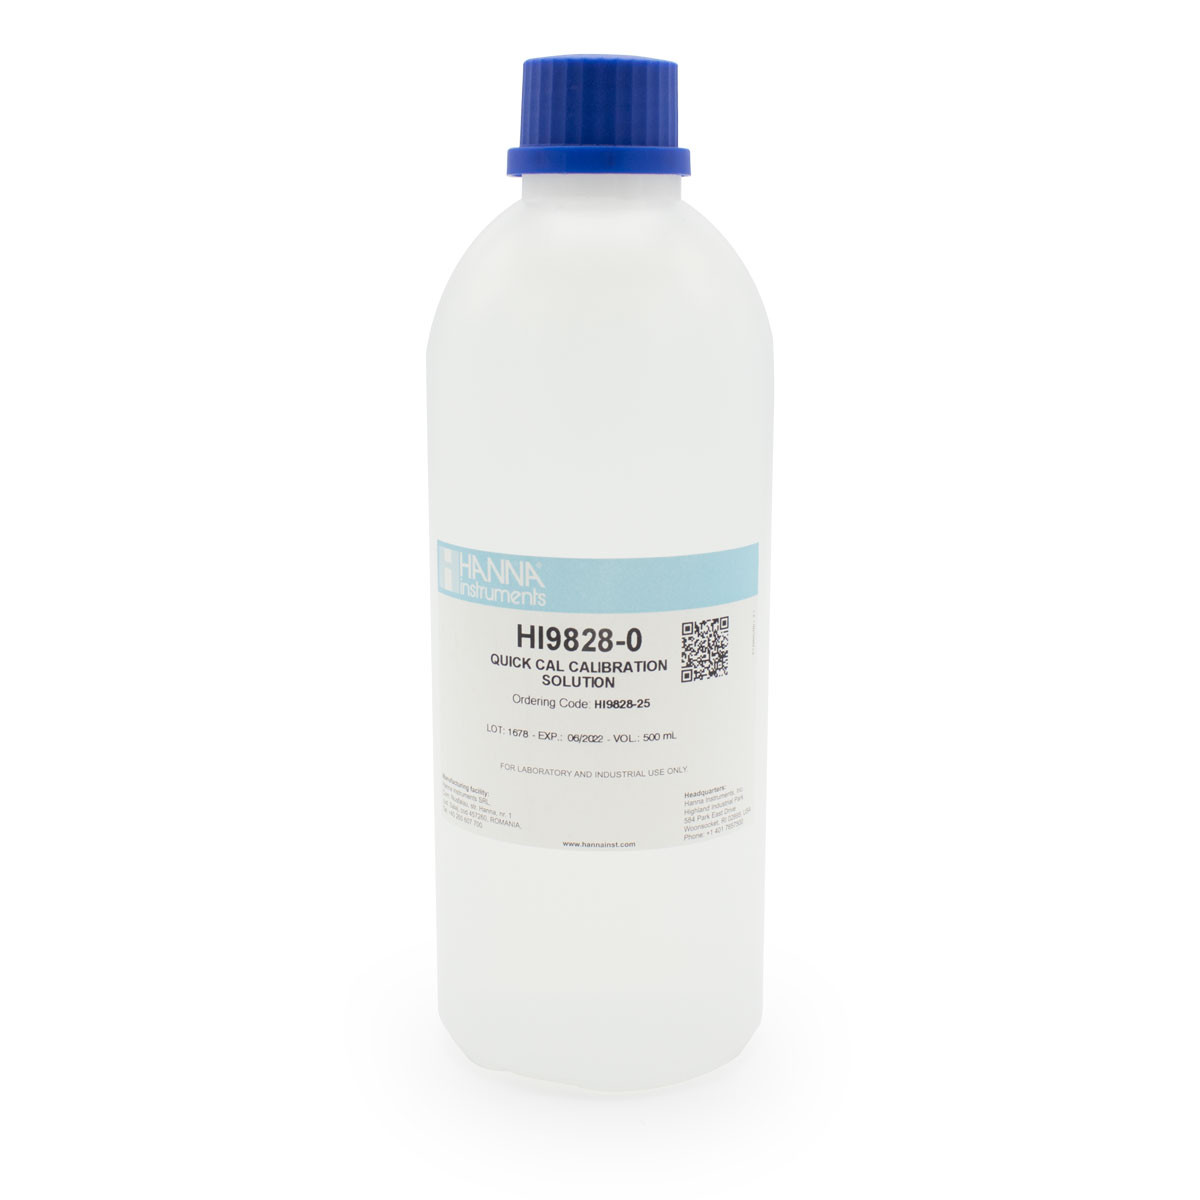 Quick Calibration Solution (500mL Bottle)